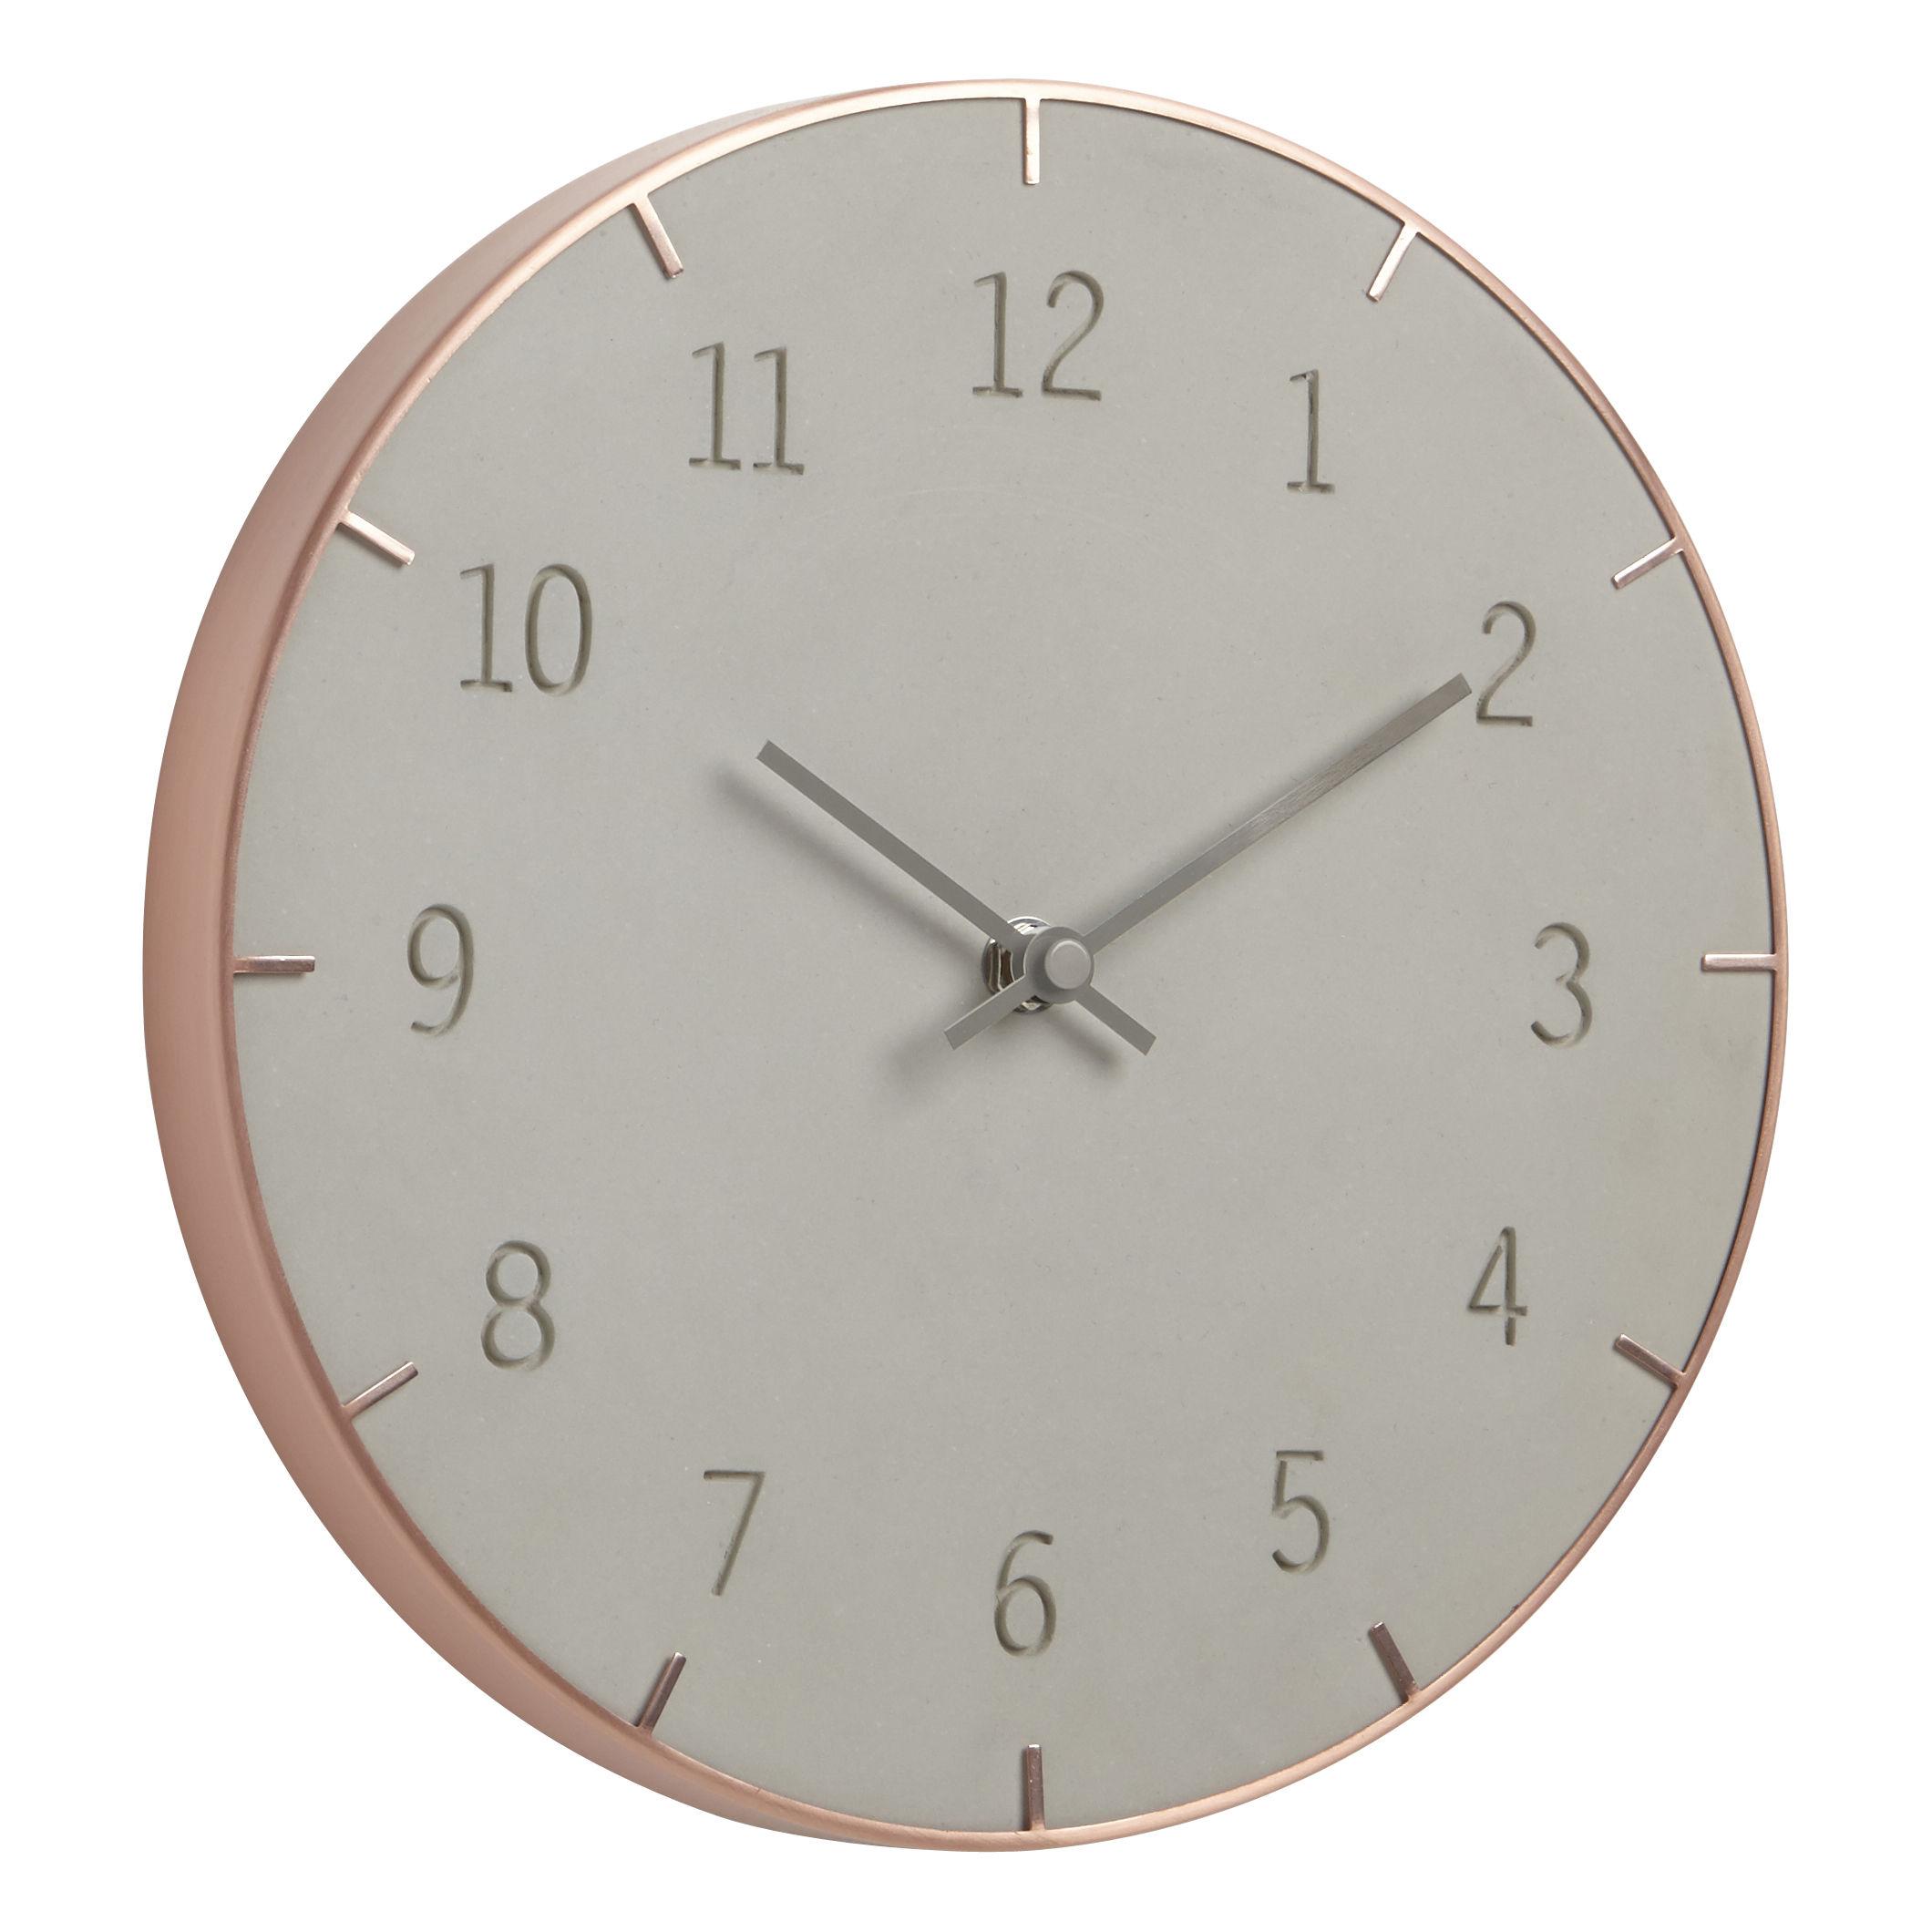 Decoration - Wall Clocks - Piatto Wall clock - Ø 25,4 cm - Metal & concrete by Umbra - Concrete / Copper - Concrete, Métal cuivré